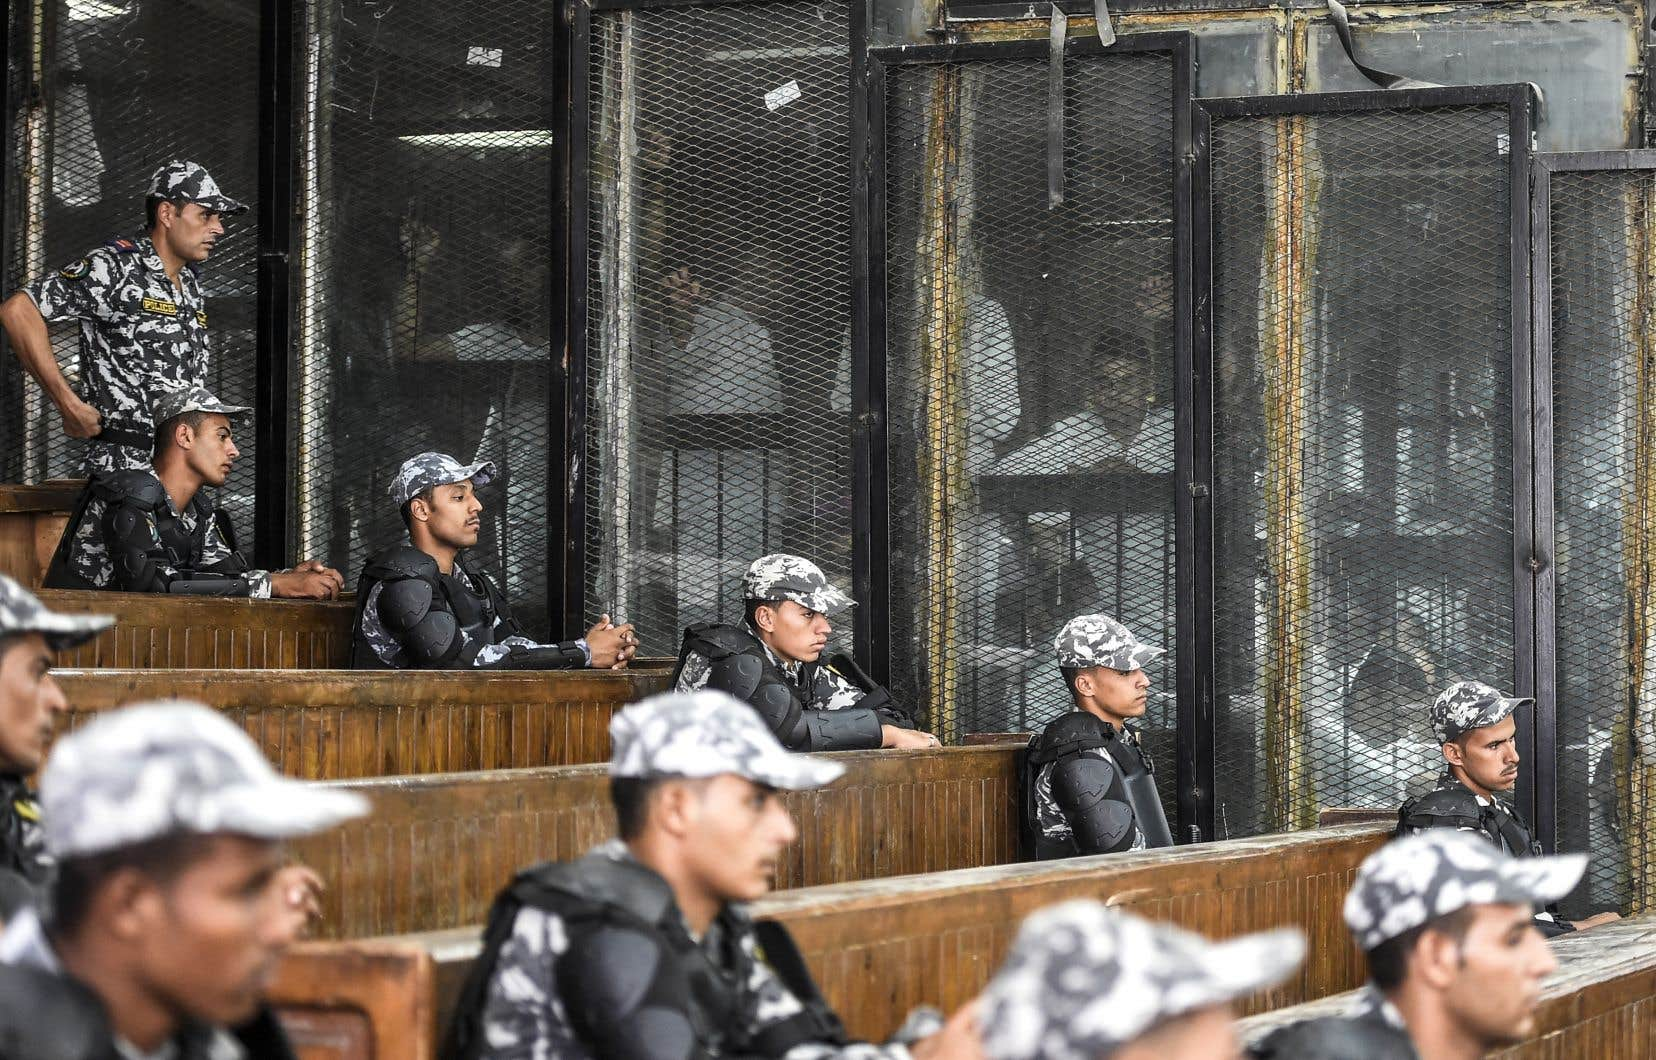 Au total, 739 personnes étaient jugées samedi, accusées pour la plupart d'avoir tué des policiers ou d'avoir vandalisé des biens publics en août 2013, lors d'émeutes auCaire.